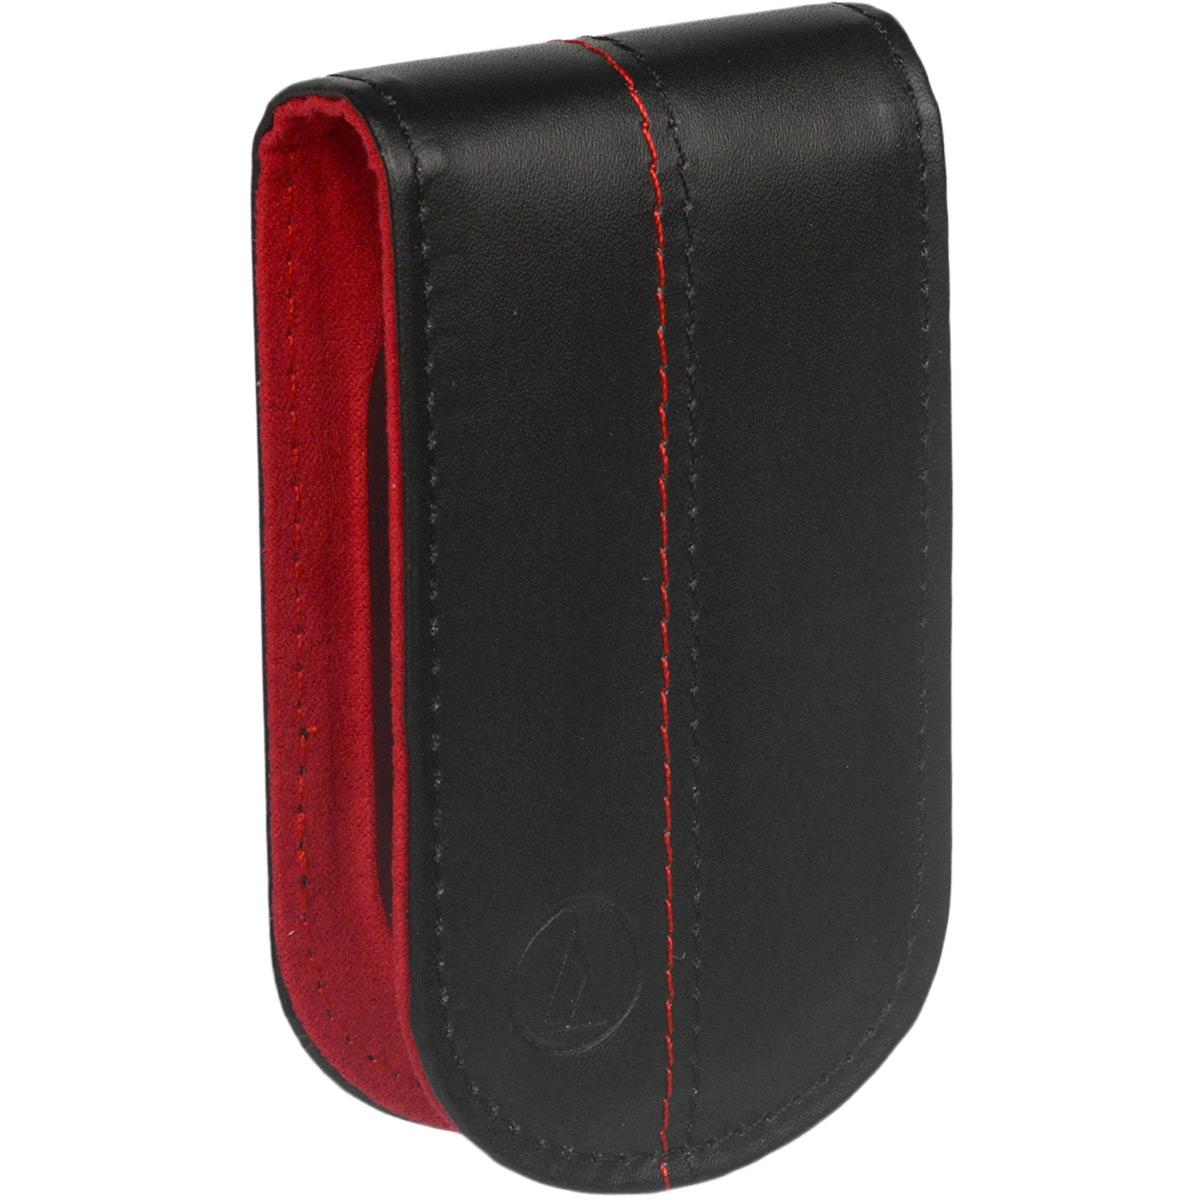 Audio-Technica ATH-HPP33, Black Red чехол для наушников10102344Audio-Technica ATH-HPP33 - кейс-держатель для вставных наушников Audio-Technica, позволяющий компактно и надежно хранить наушники в то время, когда они не используются. Просто оберните провод наушников вокруг держателя, начиная со штекера. Небольшие размеры позволяют поместить его даже в самую маленькую сумку или карман.